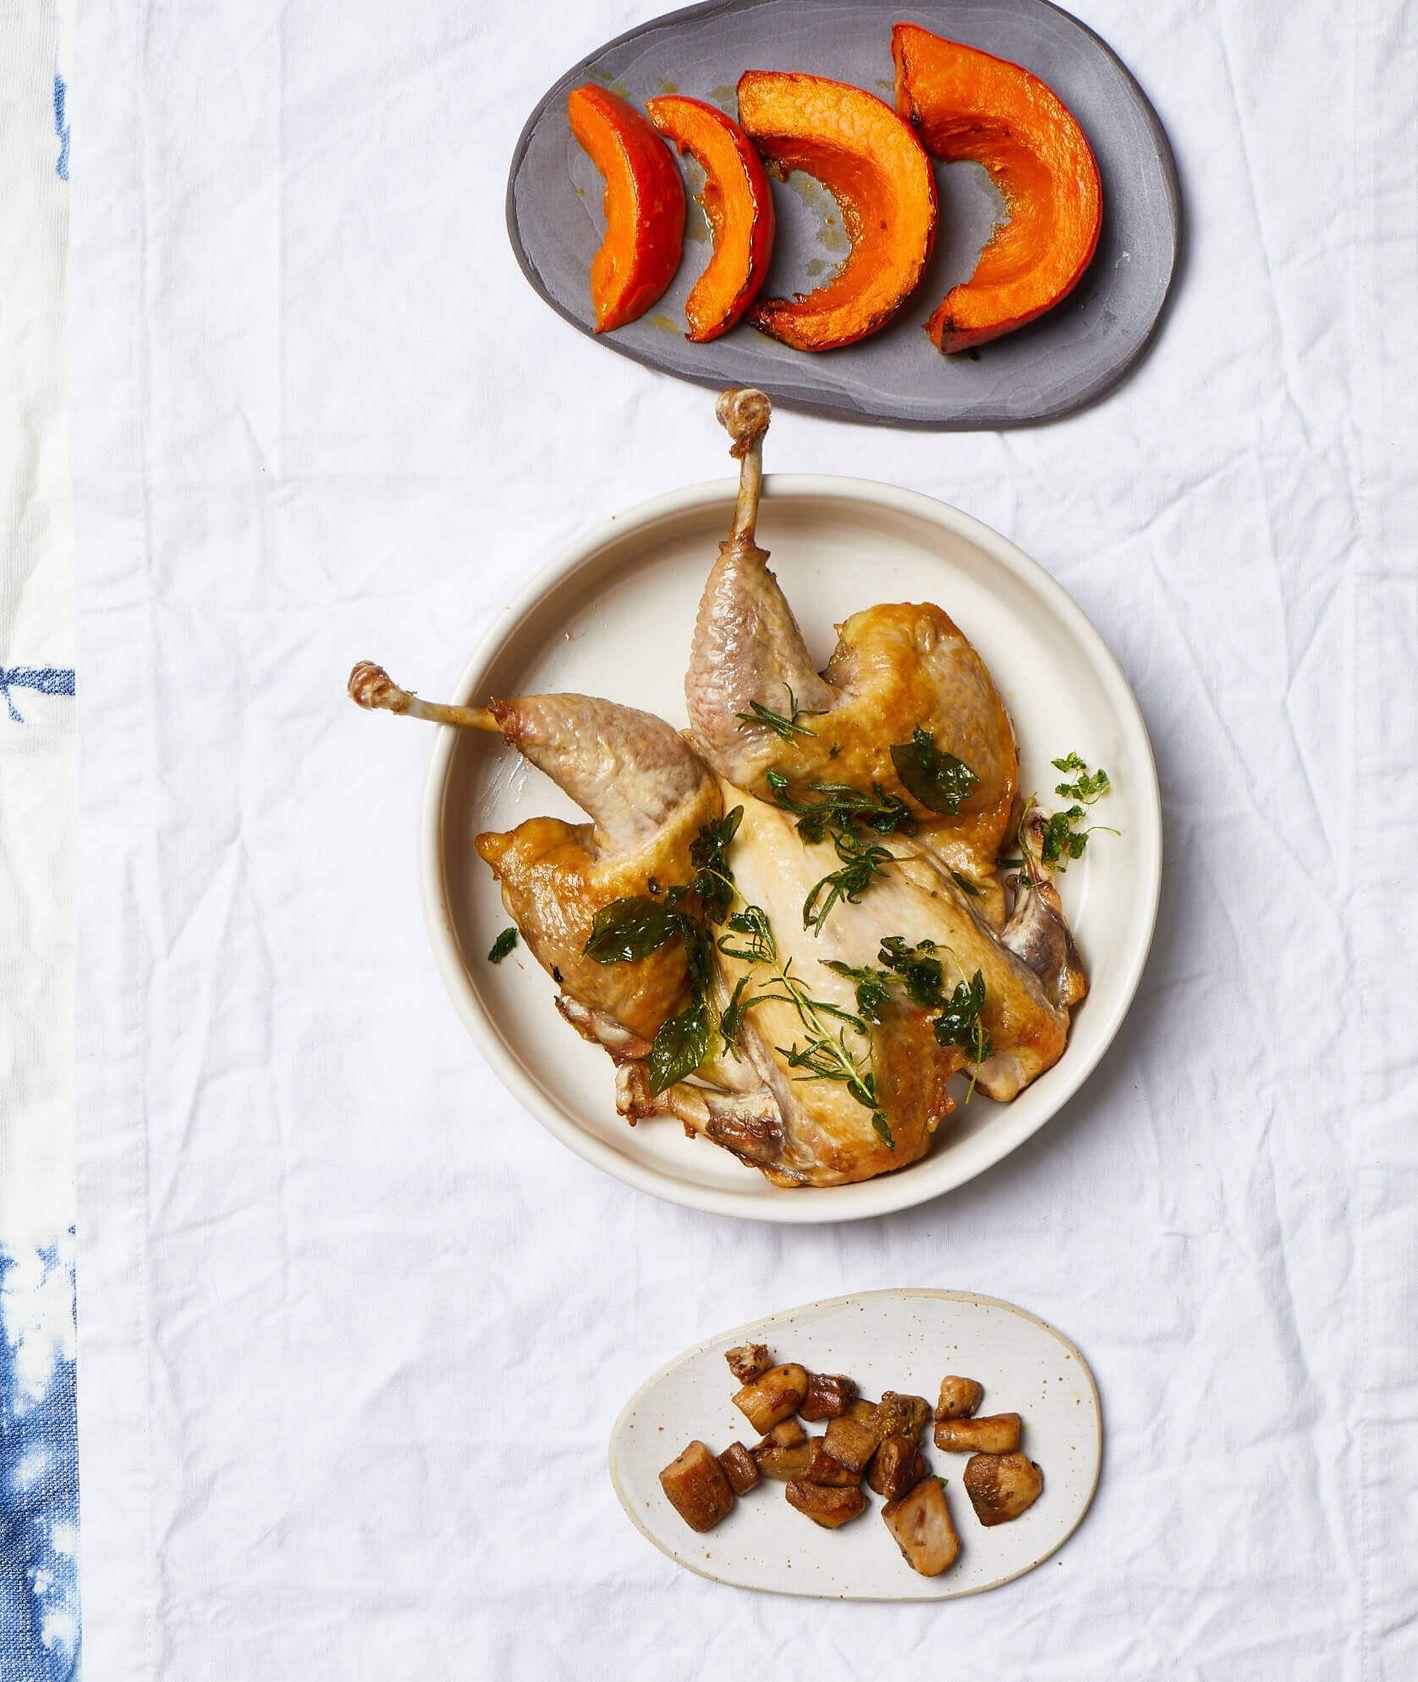 perliczka, pieczona perliczka, pieczona dynia, obiad z piekarnika, borowiki